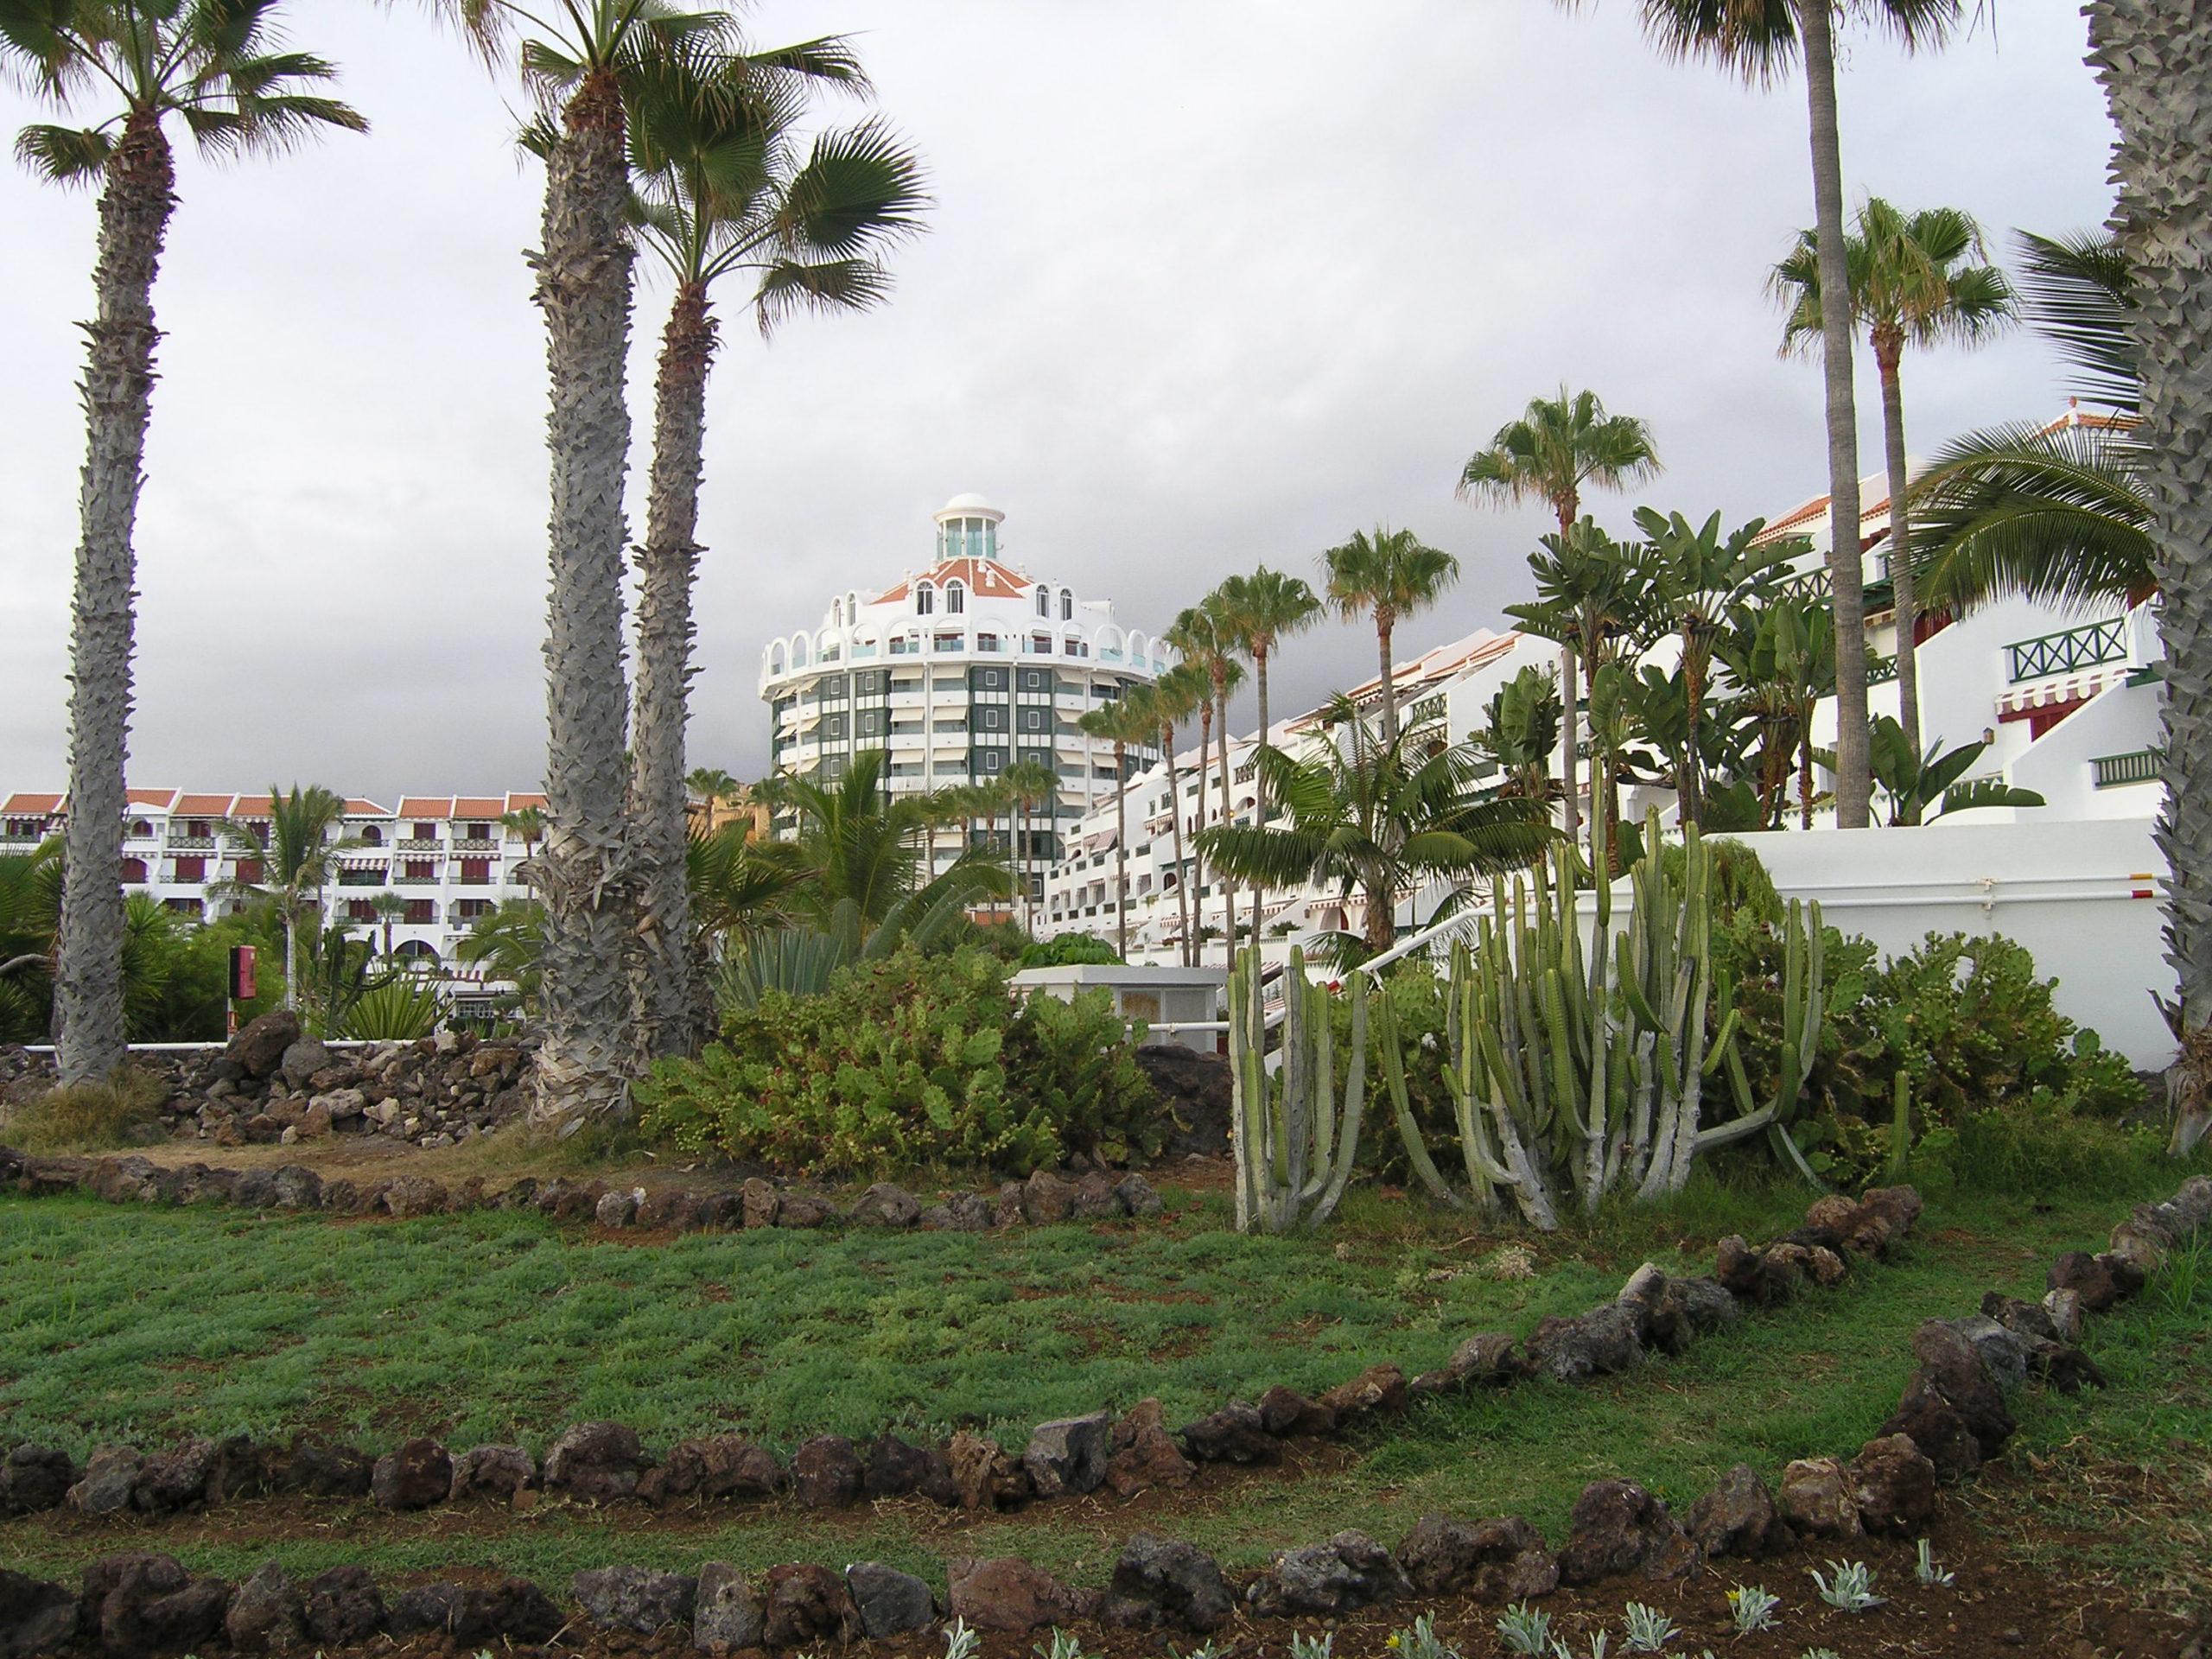 widok na białe budynki